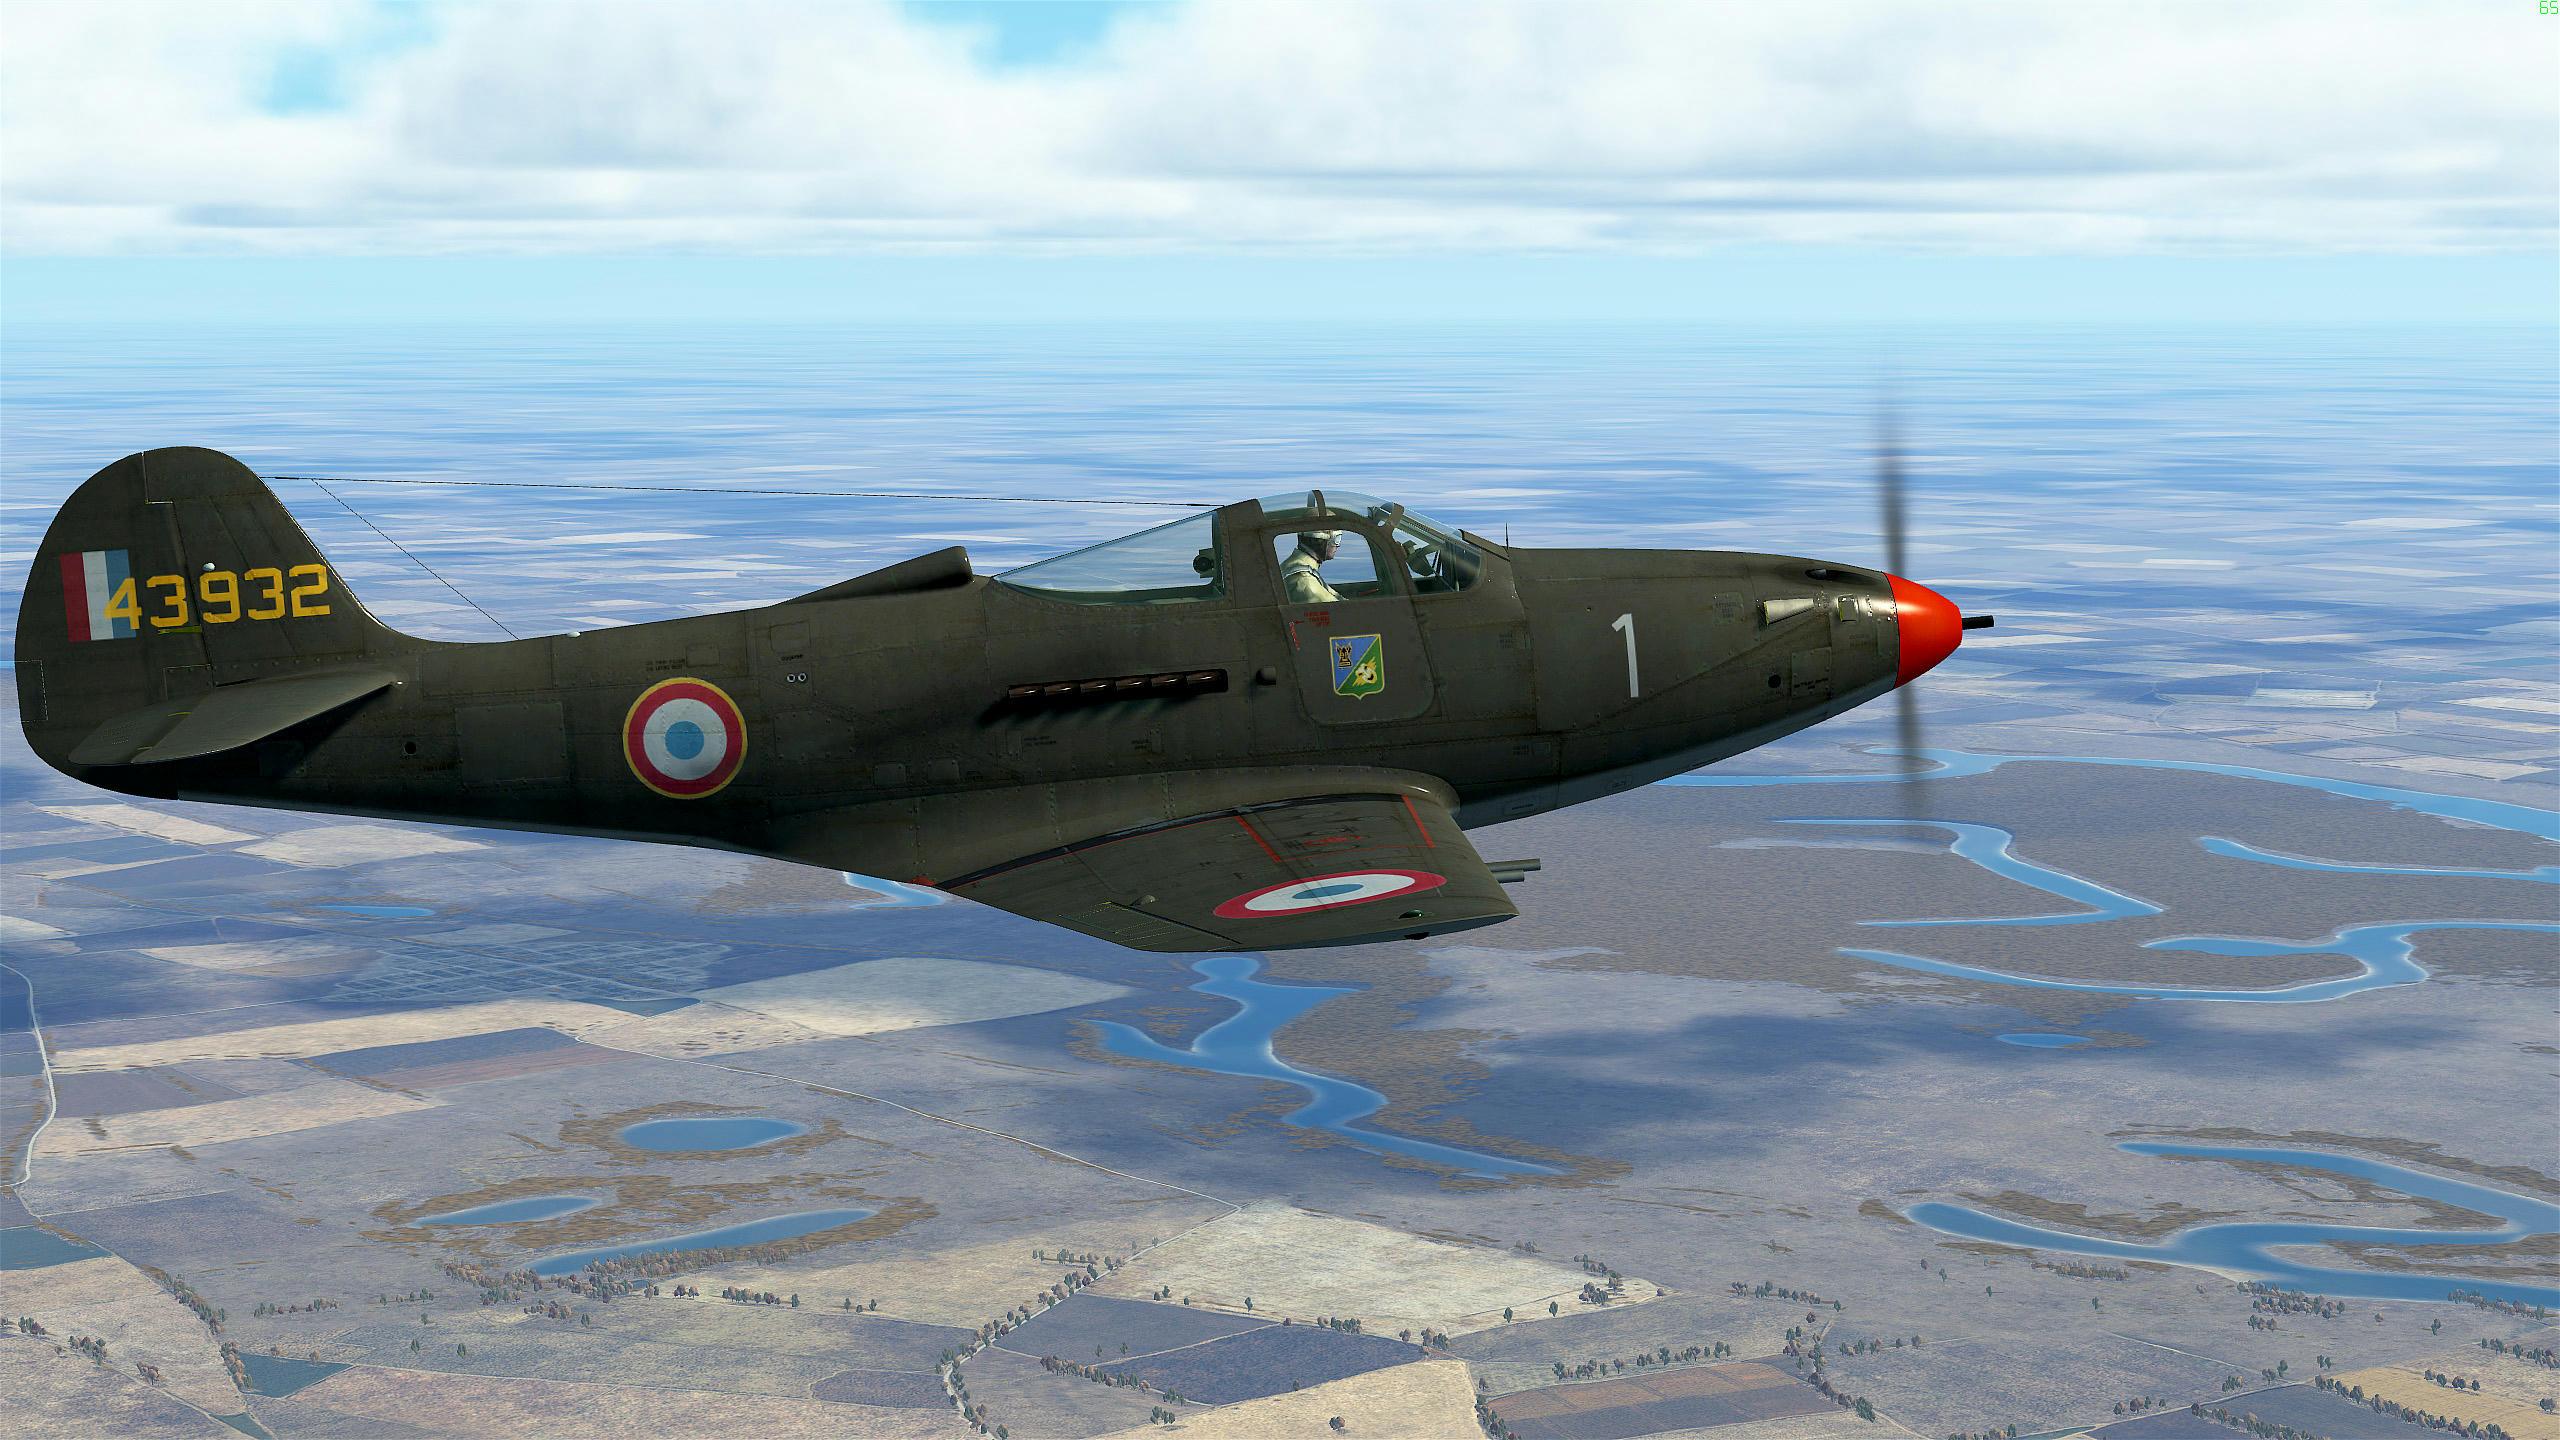 PACK P-39 FRANCAIS Evp9anx8bvu92iczg